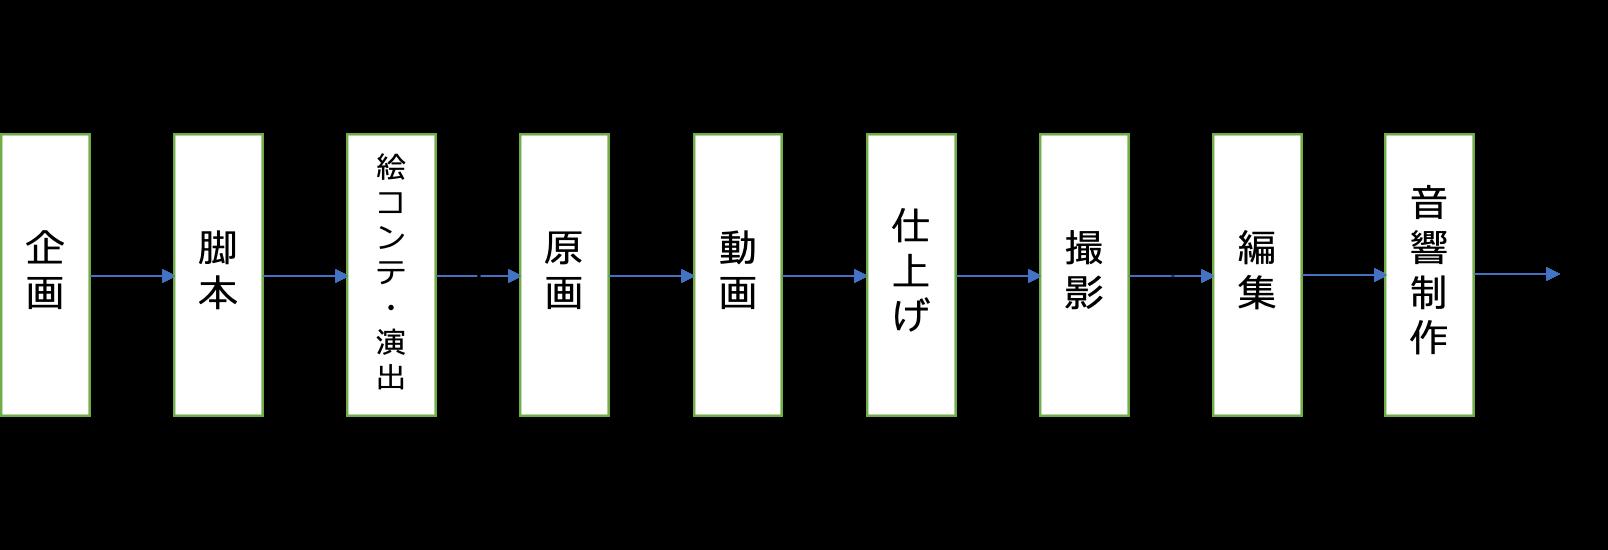 連載記事 技術 画像 ver3